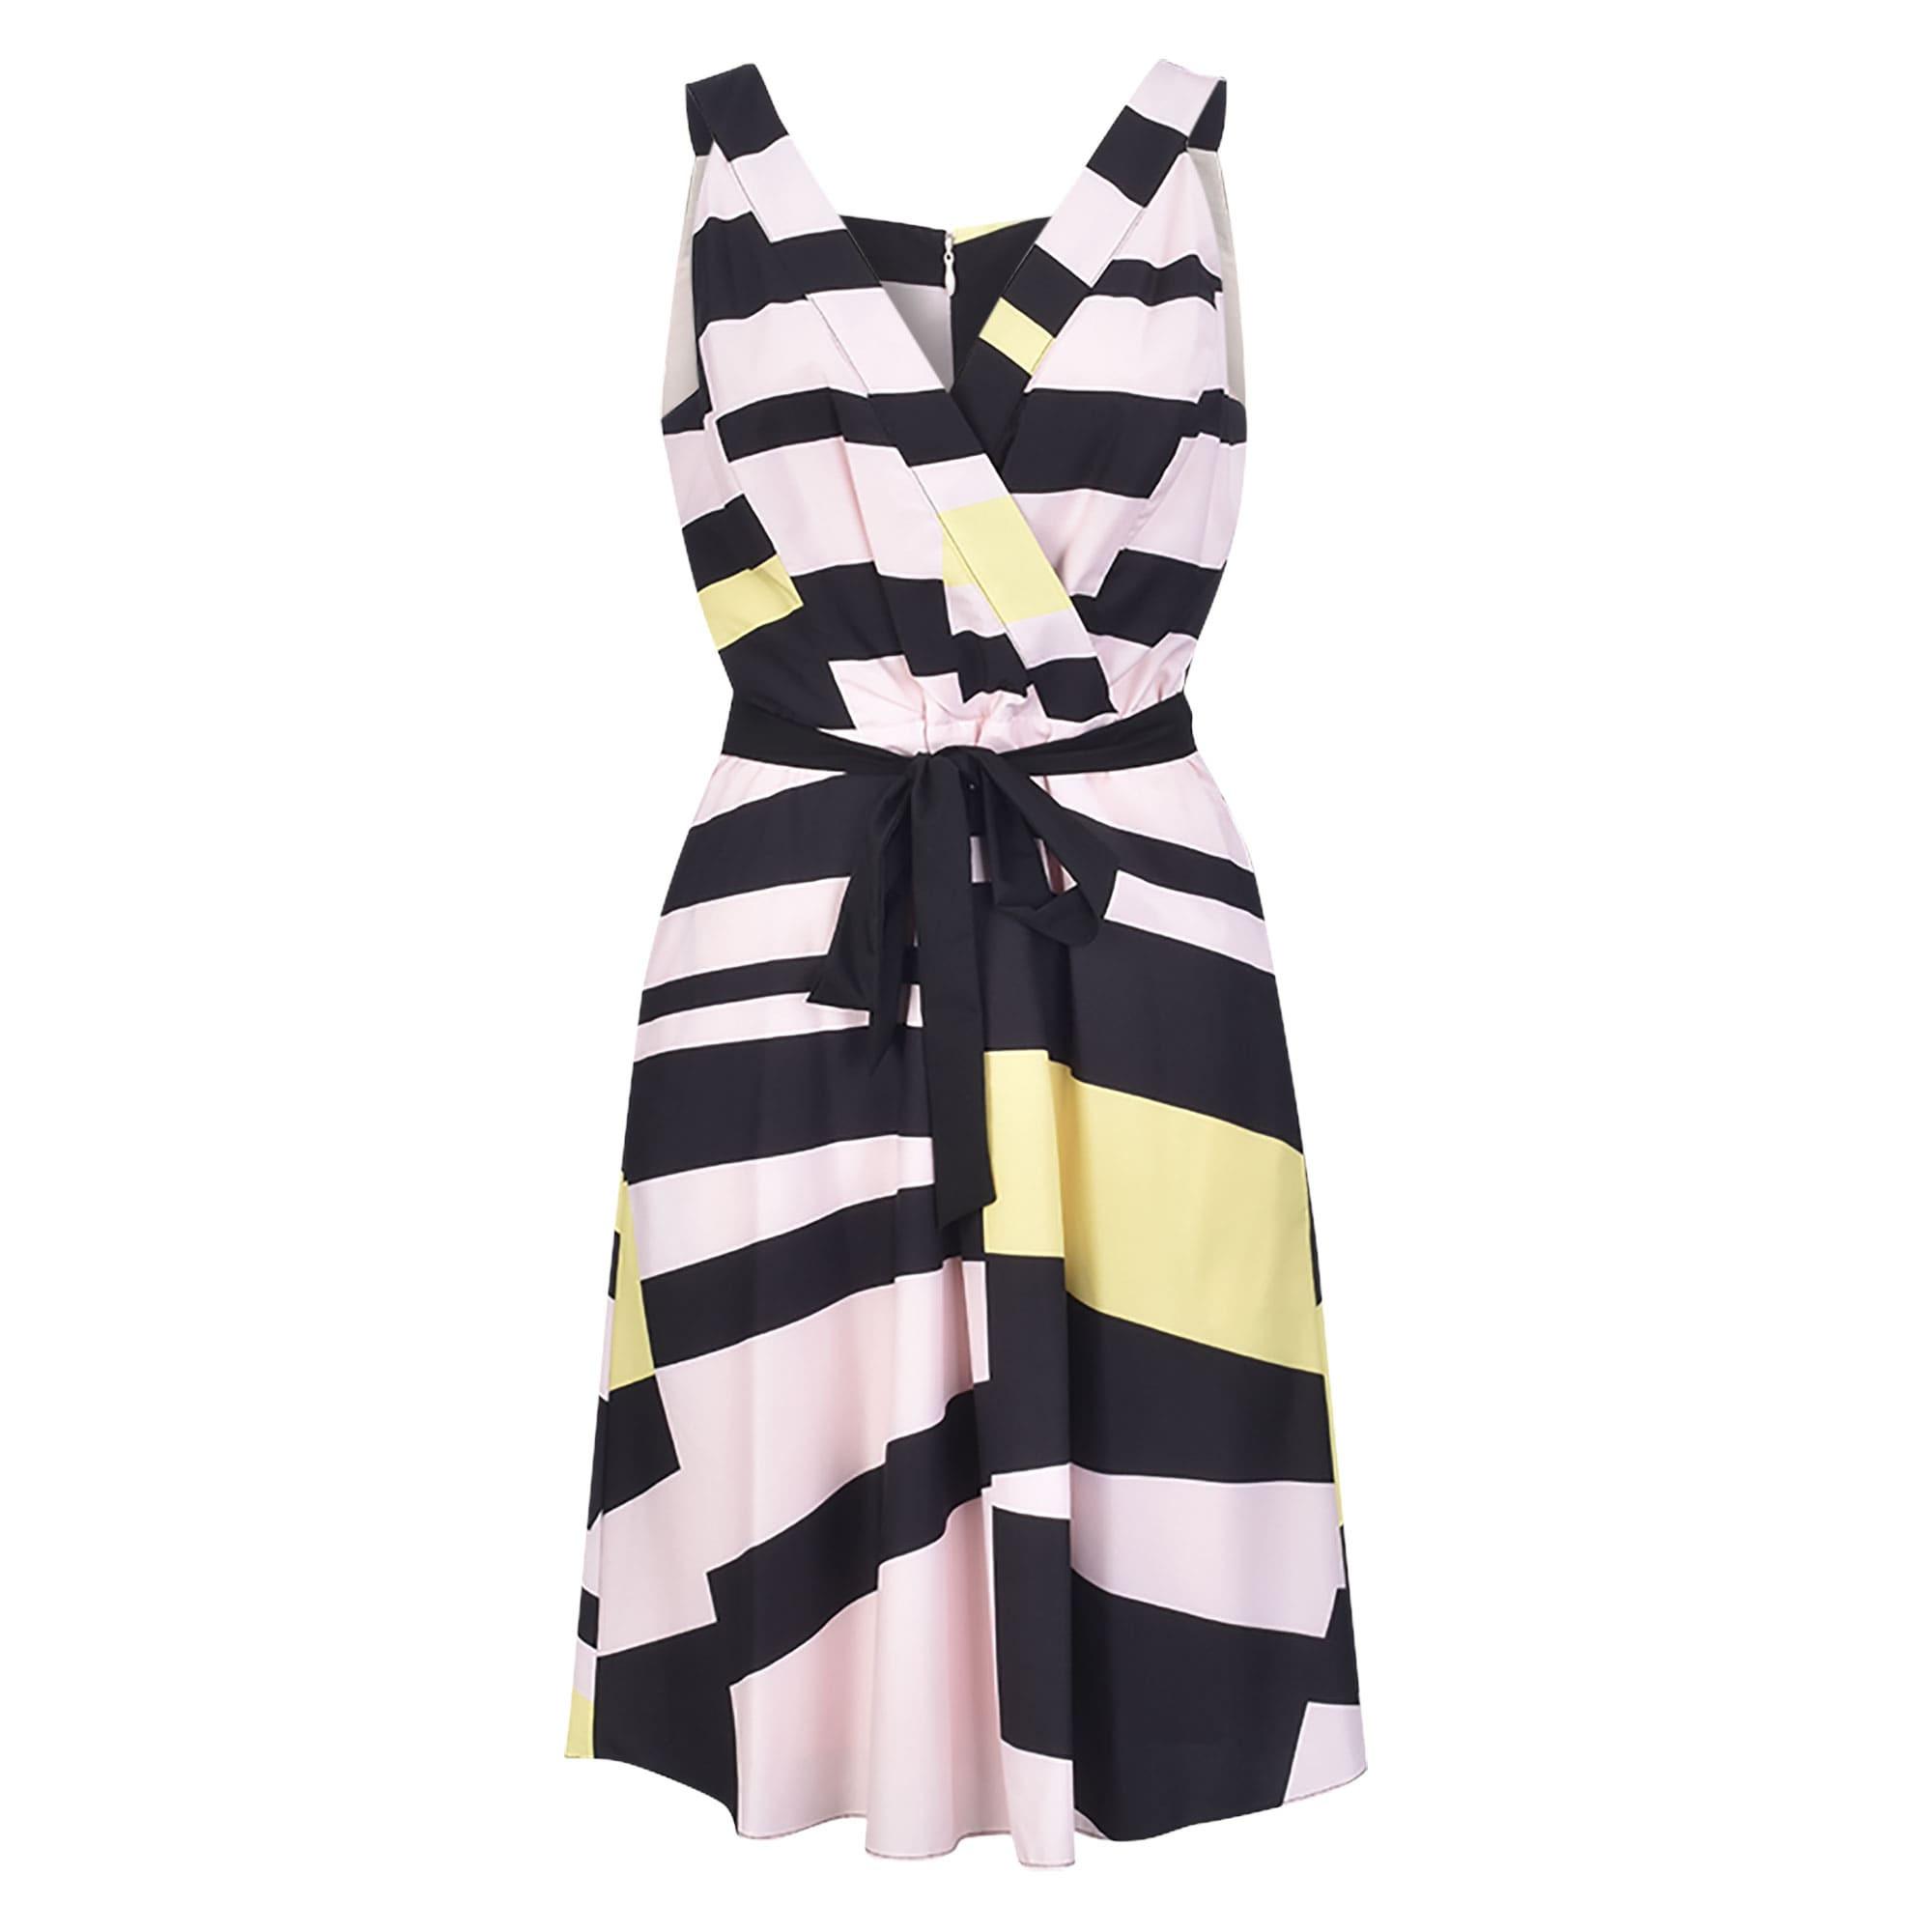 Sommerkleid Regular Fit Colorblocking Online Im Shop Bei Meinfischer De Kaufen Mein Fischer